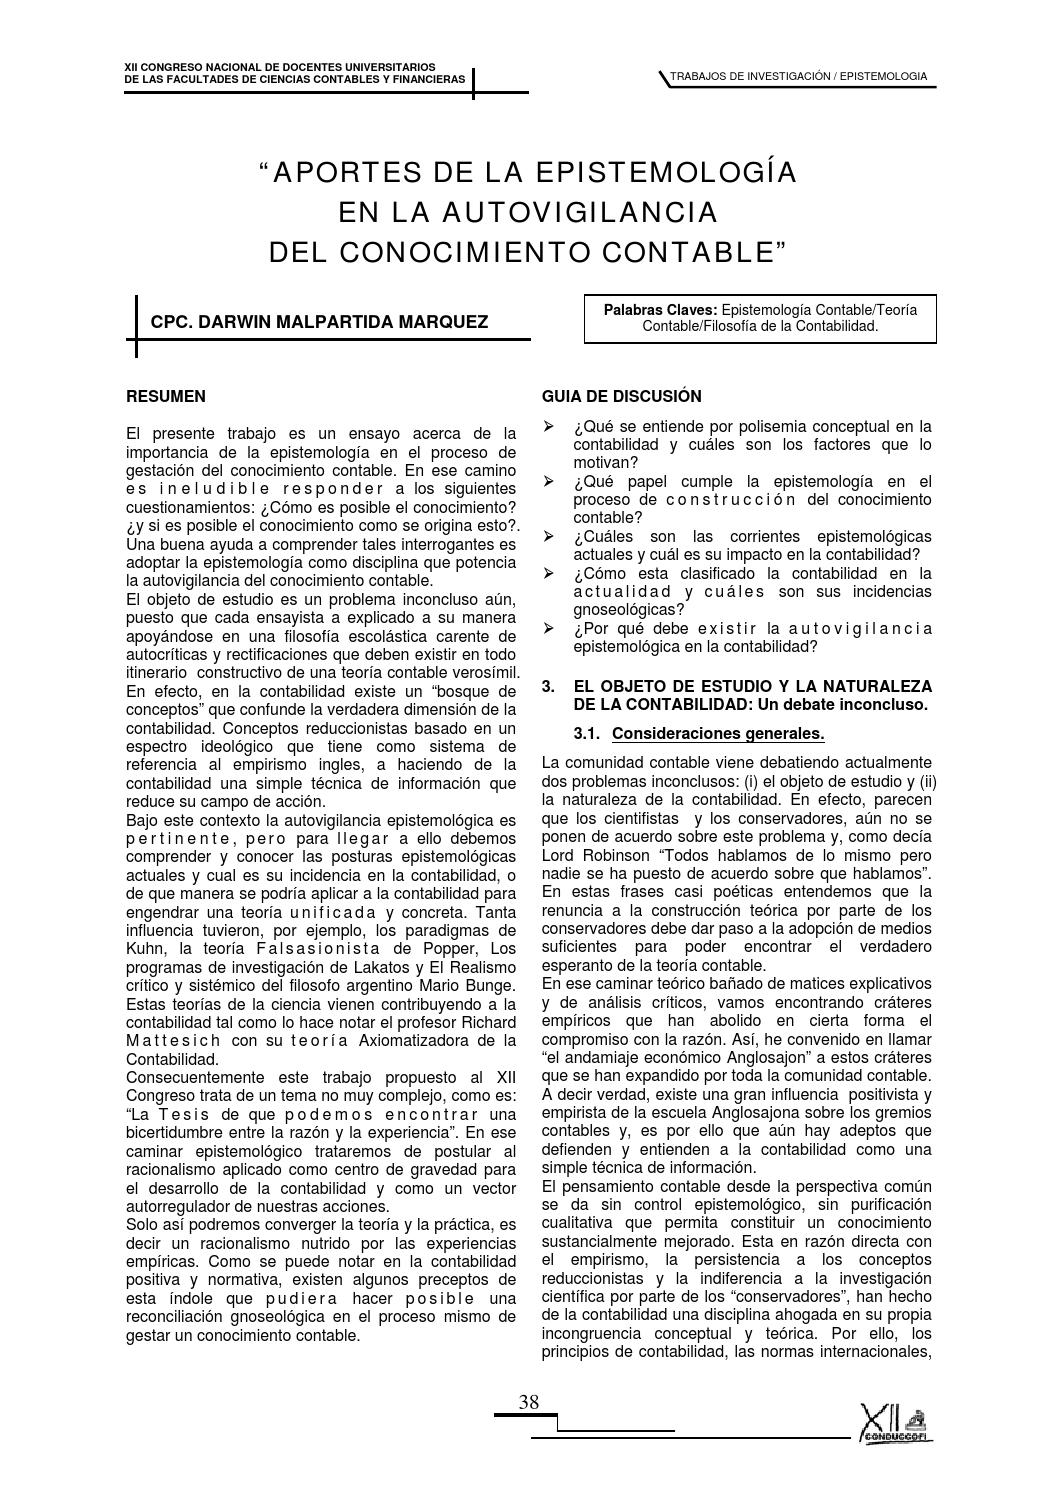 Epistemologia conocimiento contable by CompuOcaña Ltda. - issuu